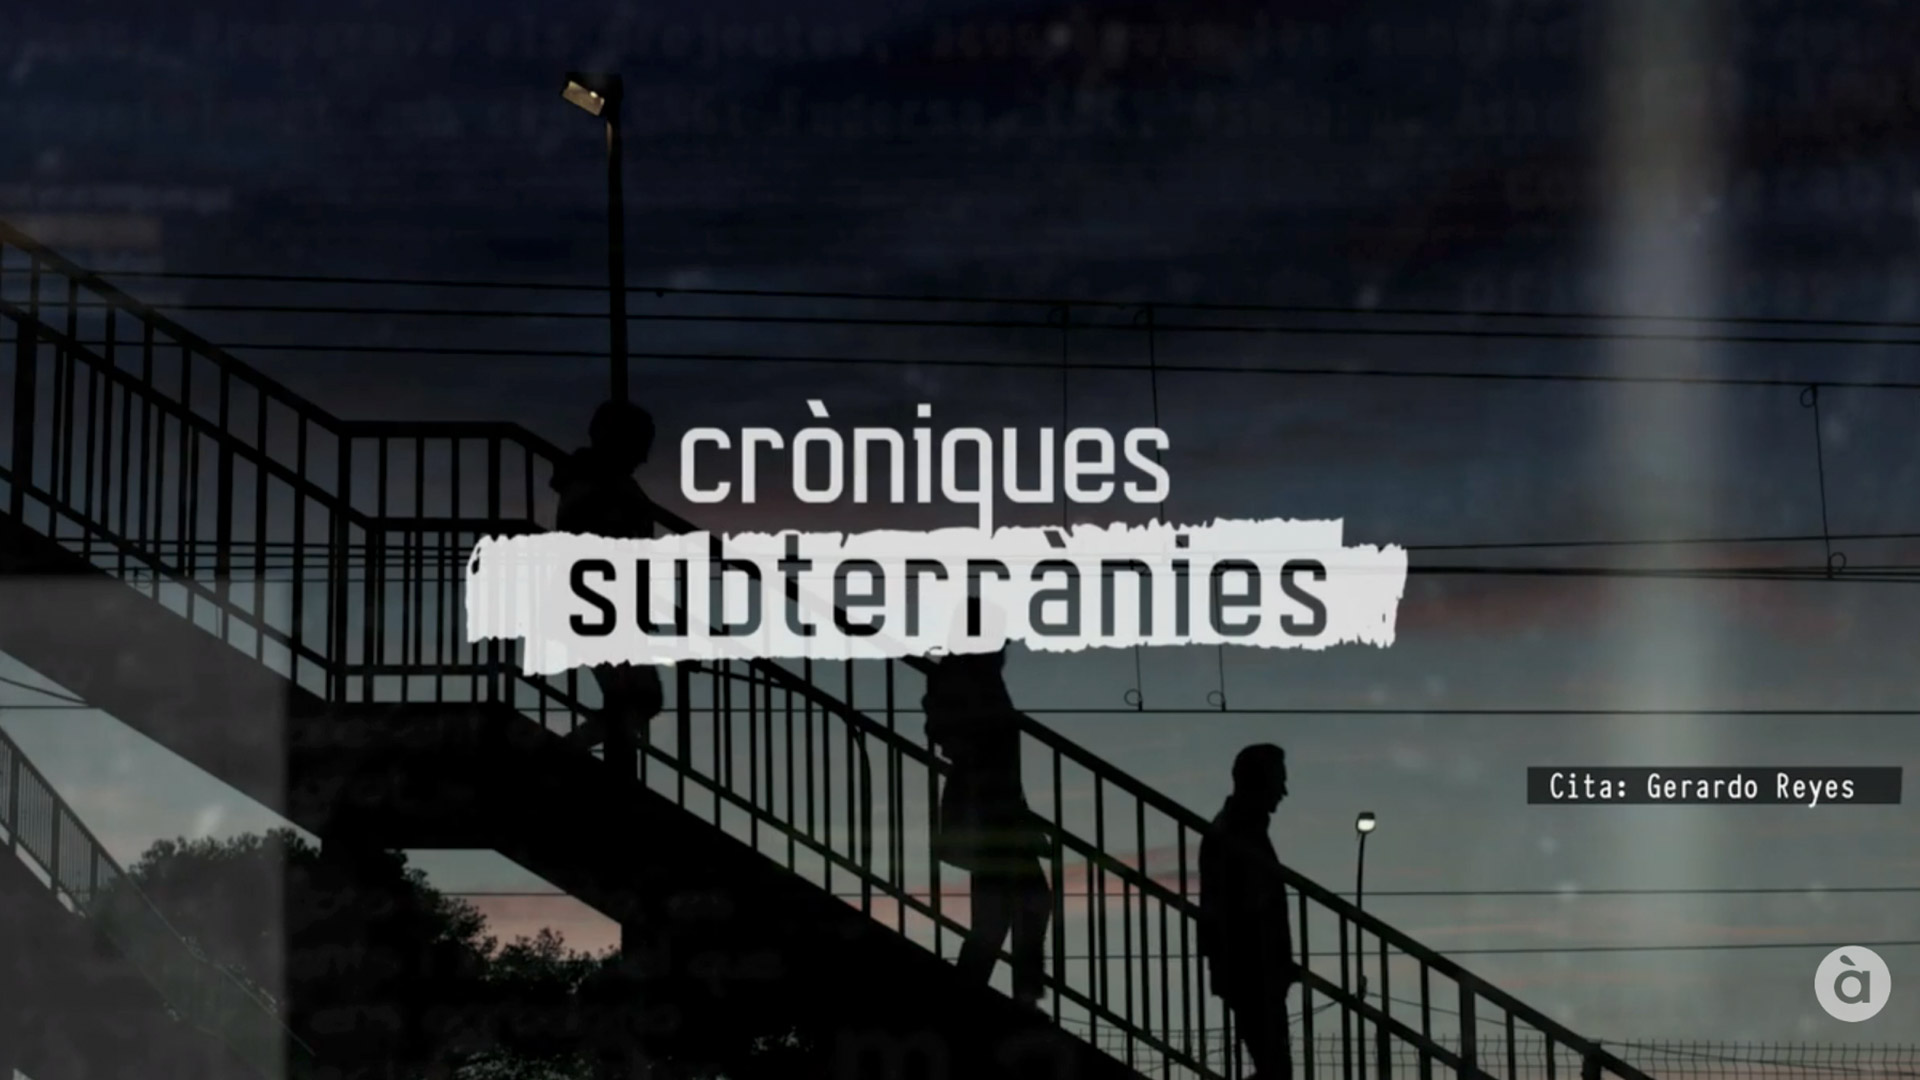 galeria-01-croniques-subterranies